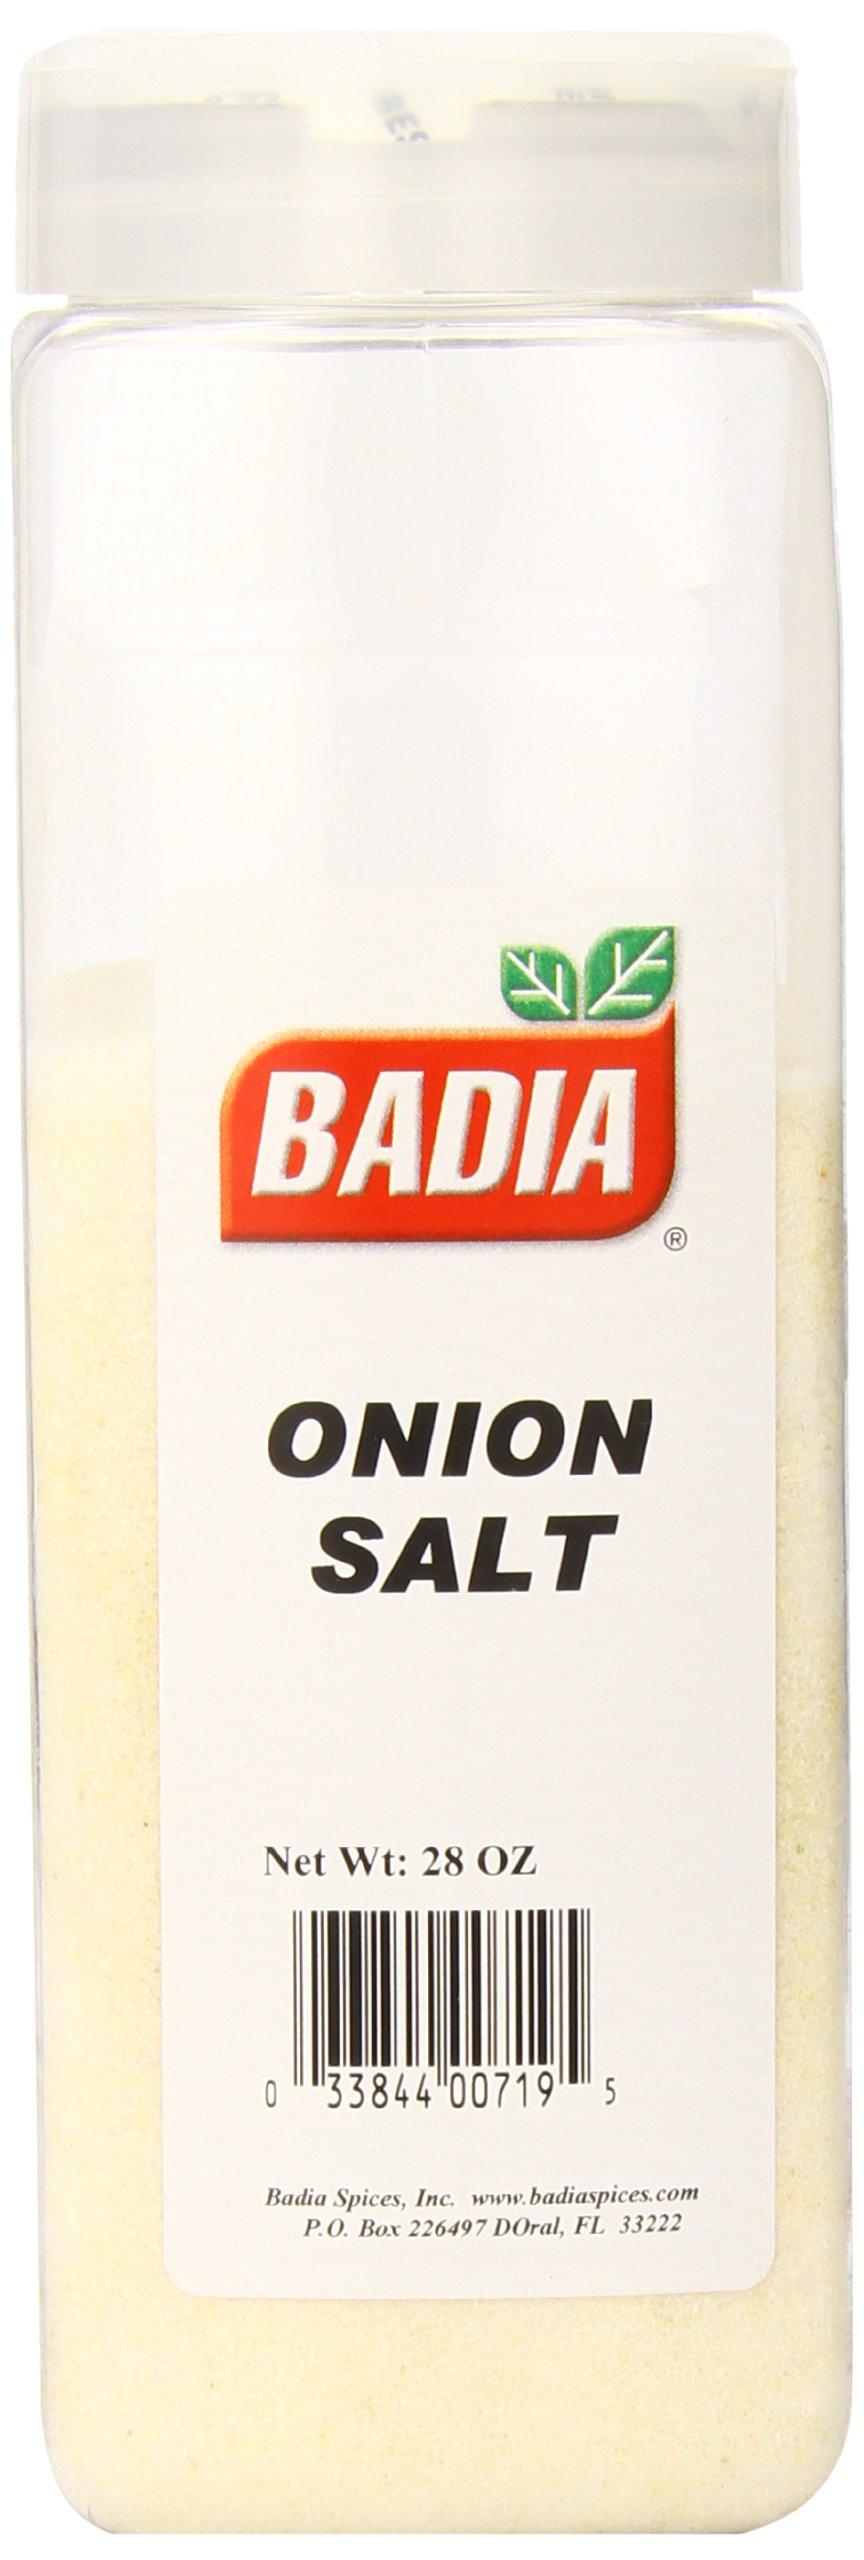 Badia Onion Salt, 28 Ounce (Pack of 6)